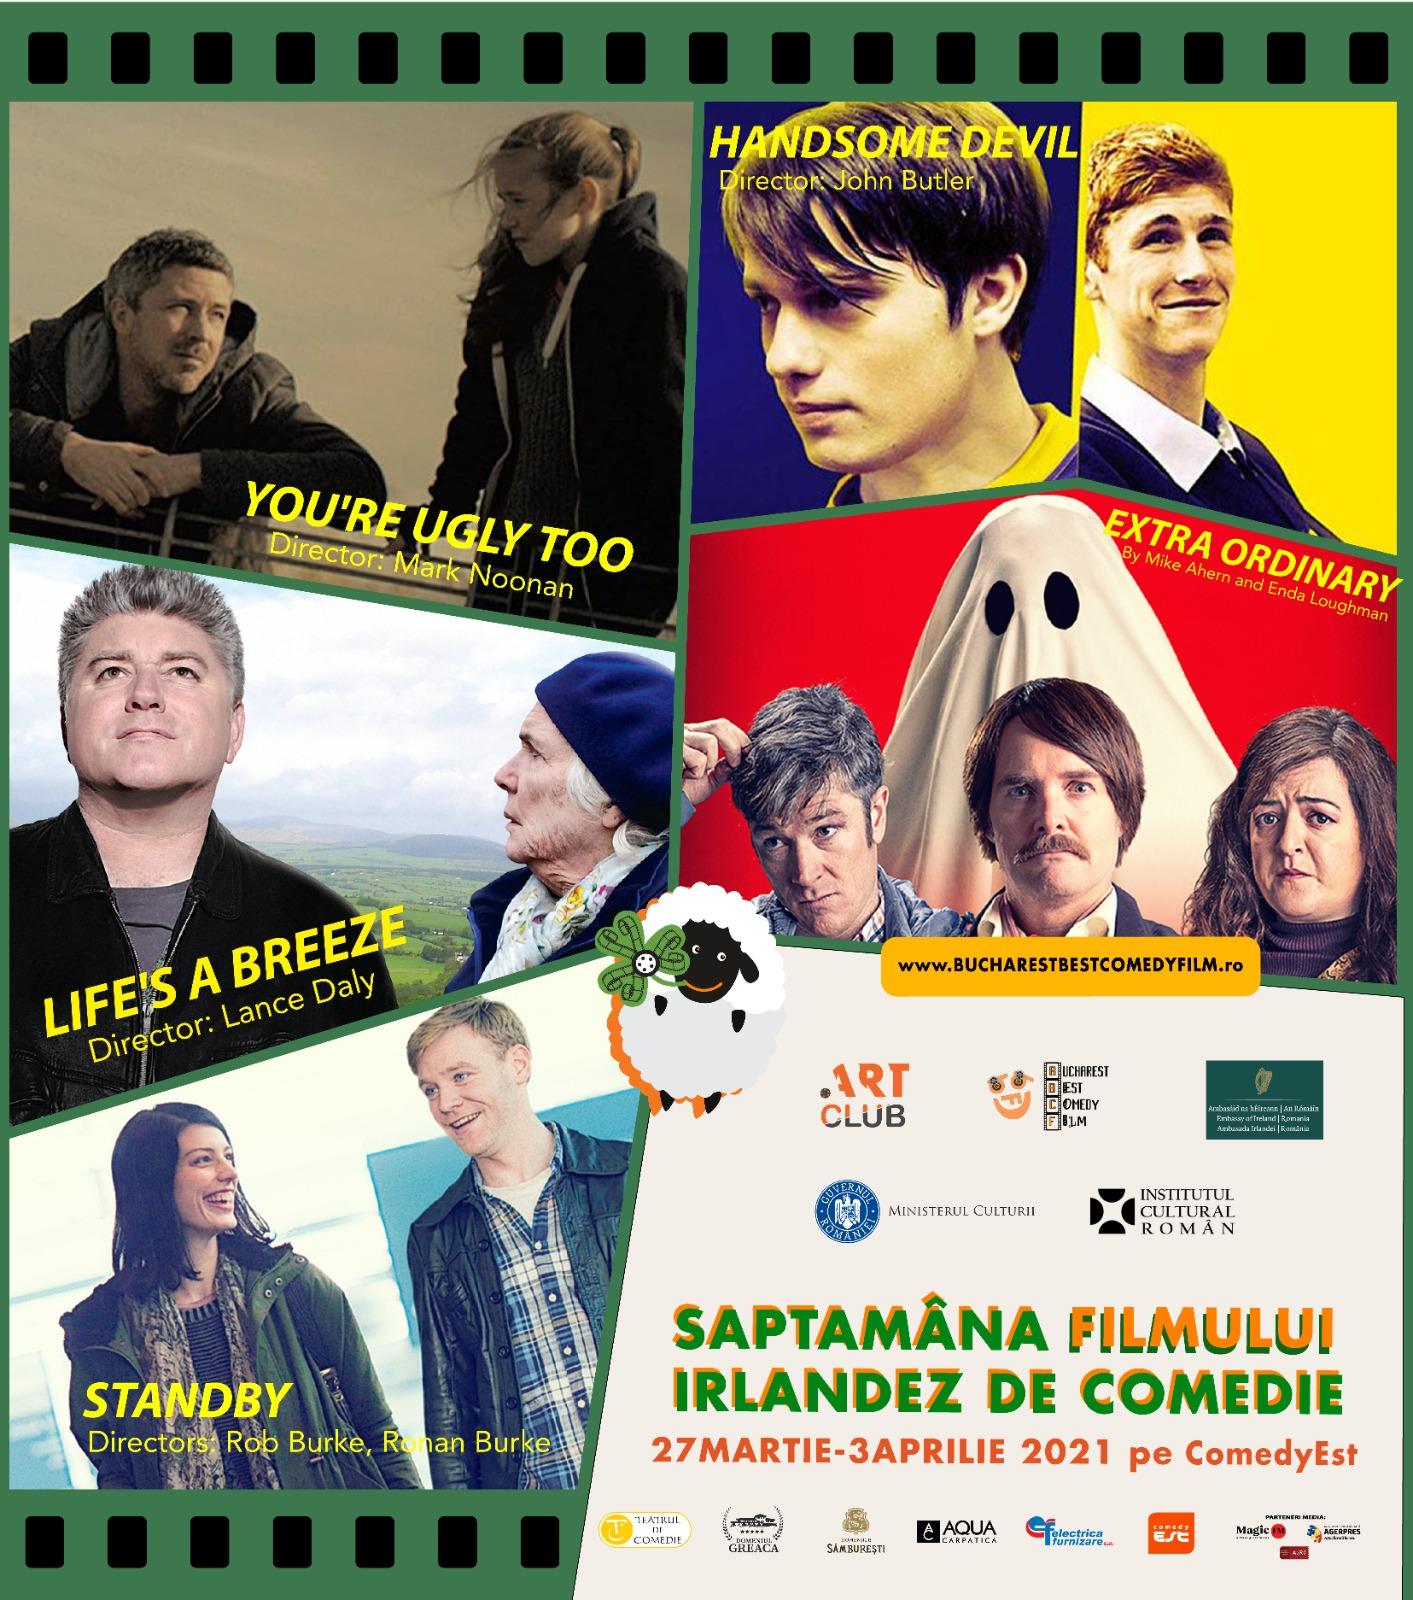 Săptămâna filmului irlandez de comedie